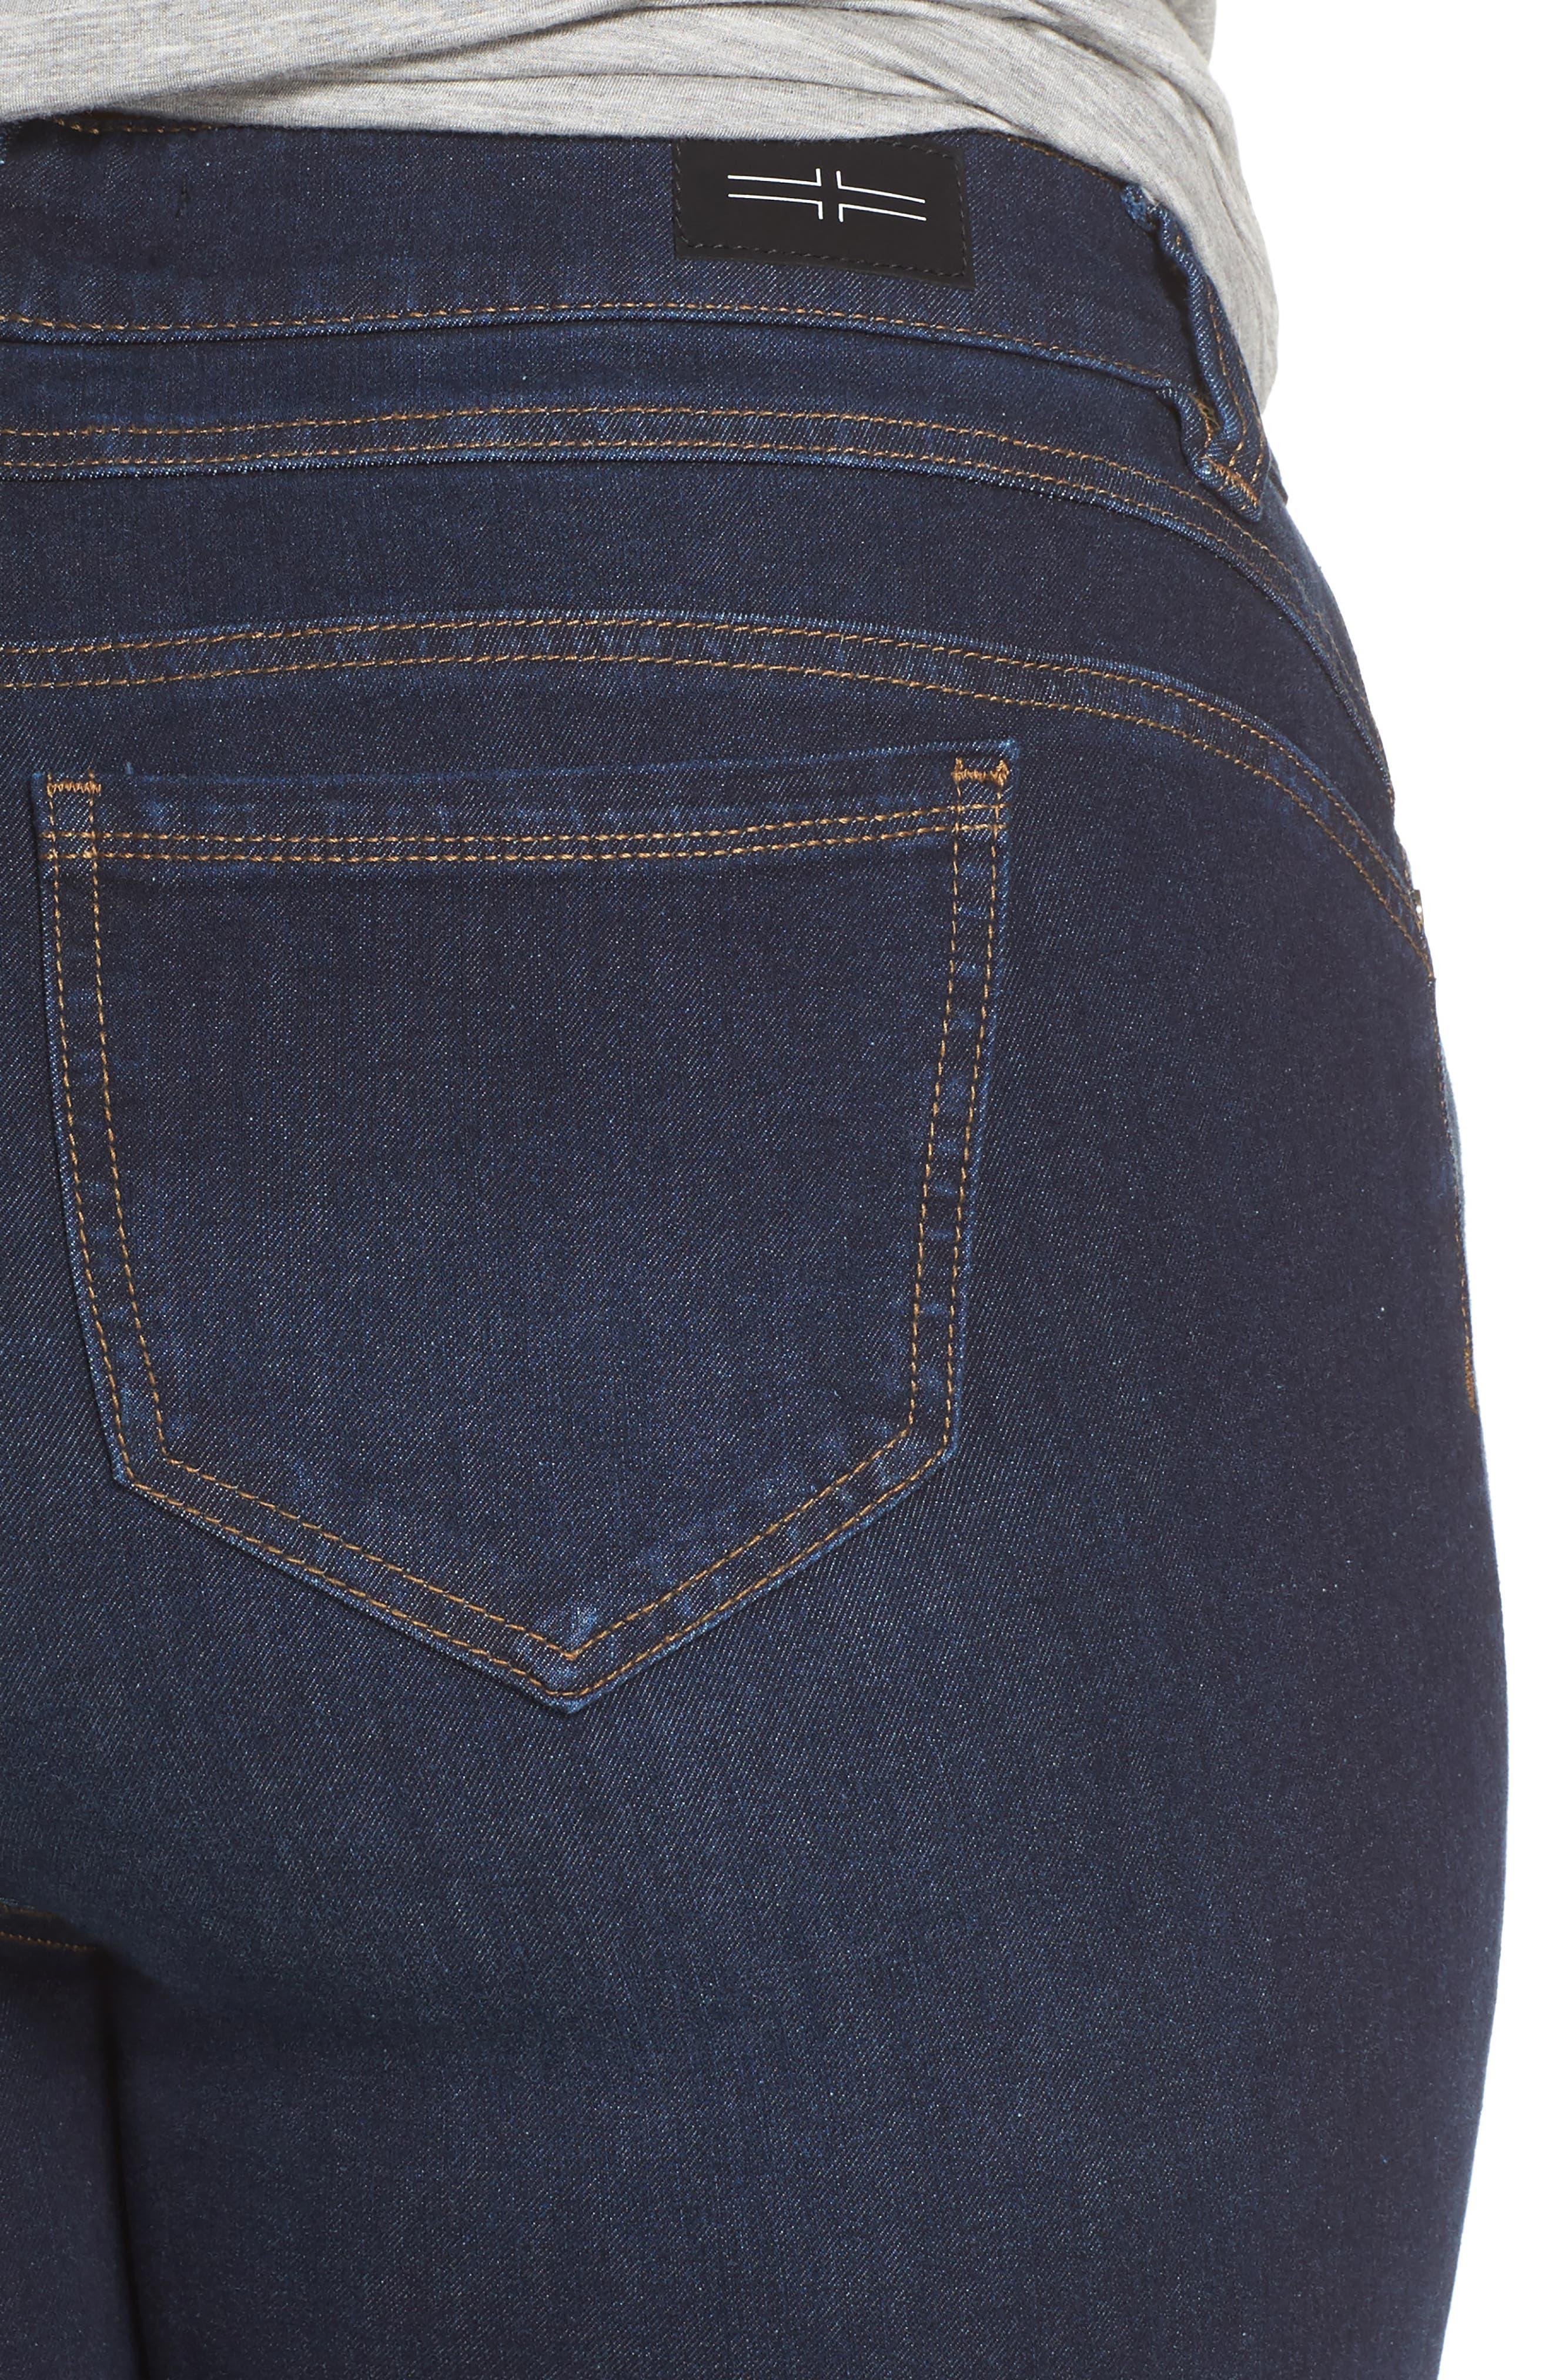 Remy - Hugger Straight Leg Jeans,                             Alternate thumbnail 4, color,                             CORVUS DARK